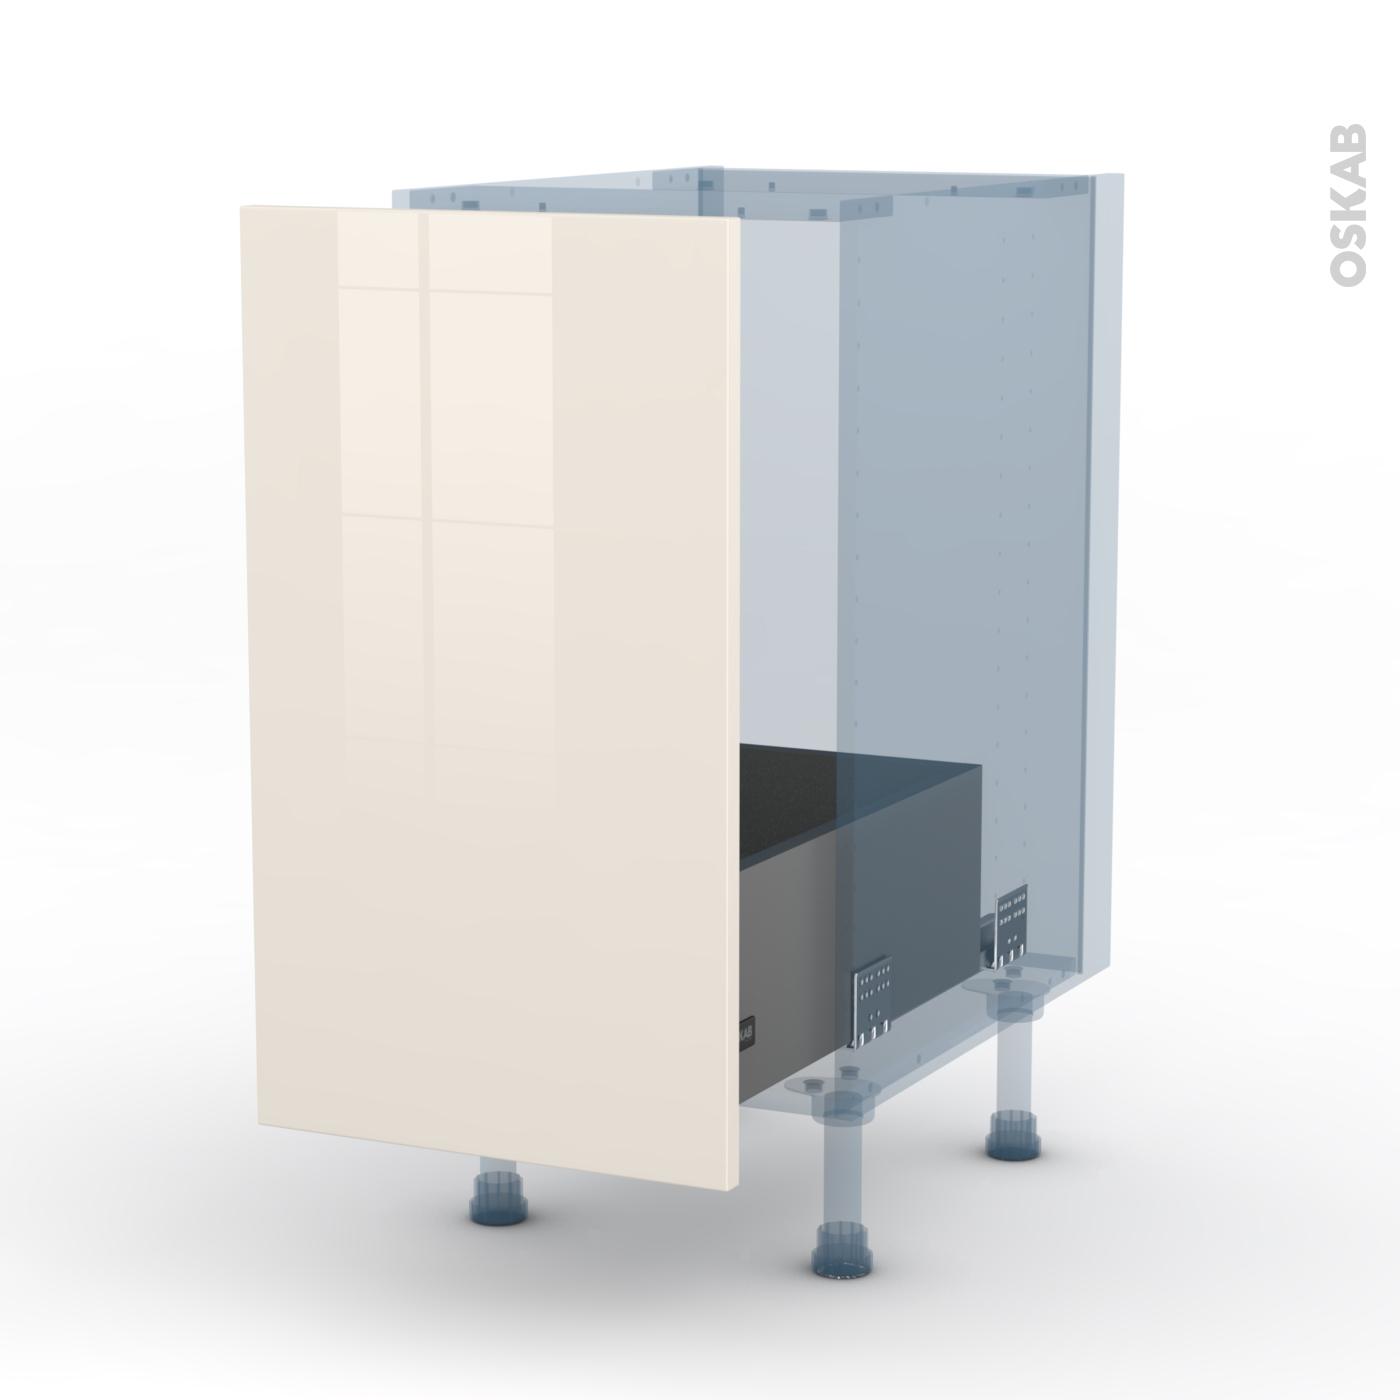 Table Coulissante Sous Plan De Travail keria ivoire kit rénovation 18 meuble sous-évier , 1 porte coulissante,  l40xh70xp60